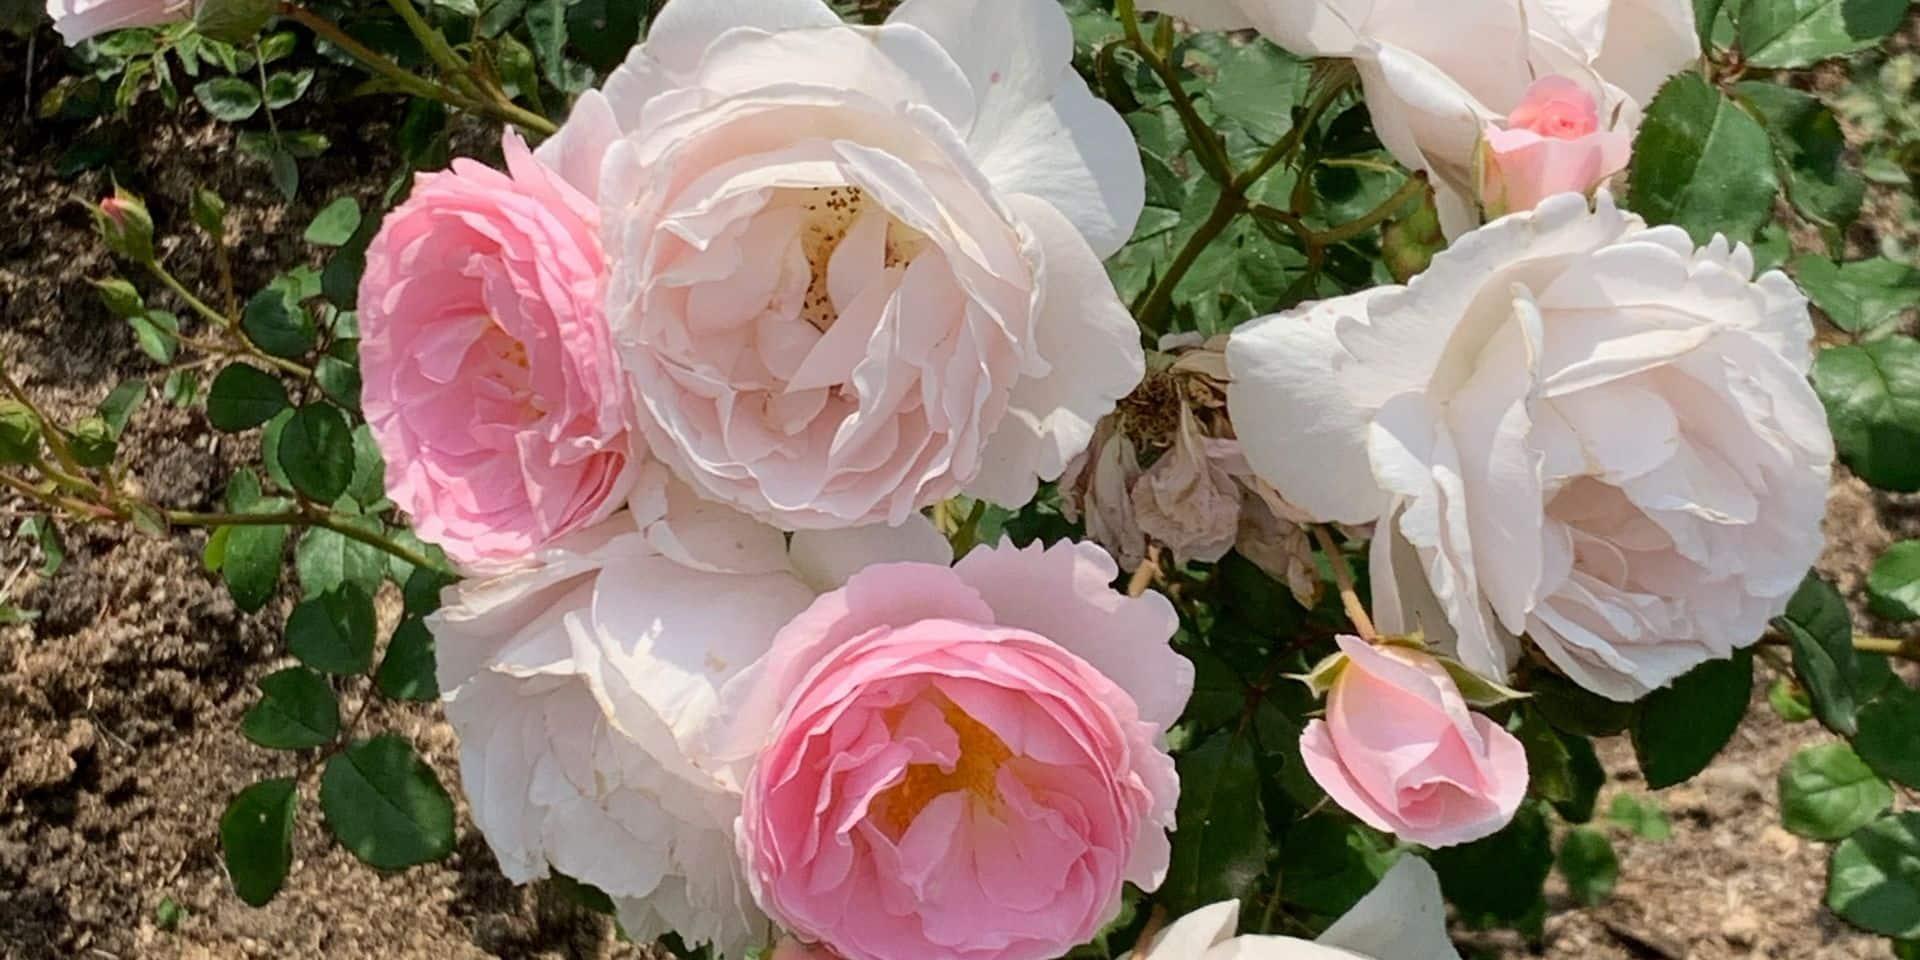 La rose, fleur préférée de bien des jardiniers, à l'honneur dans la nouvelle roseraie de Meise